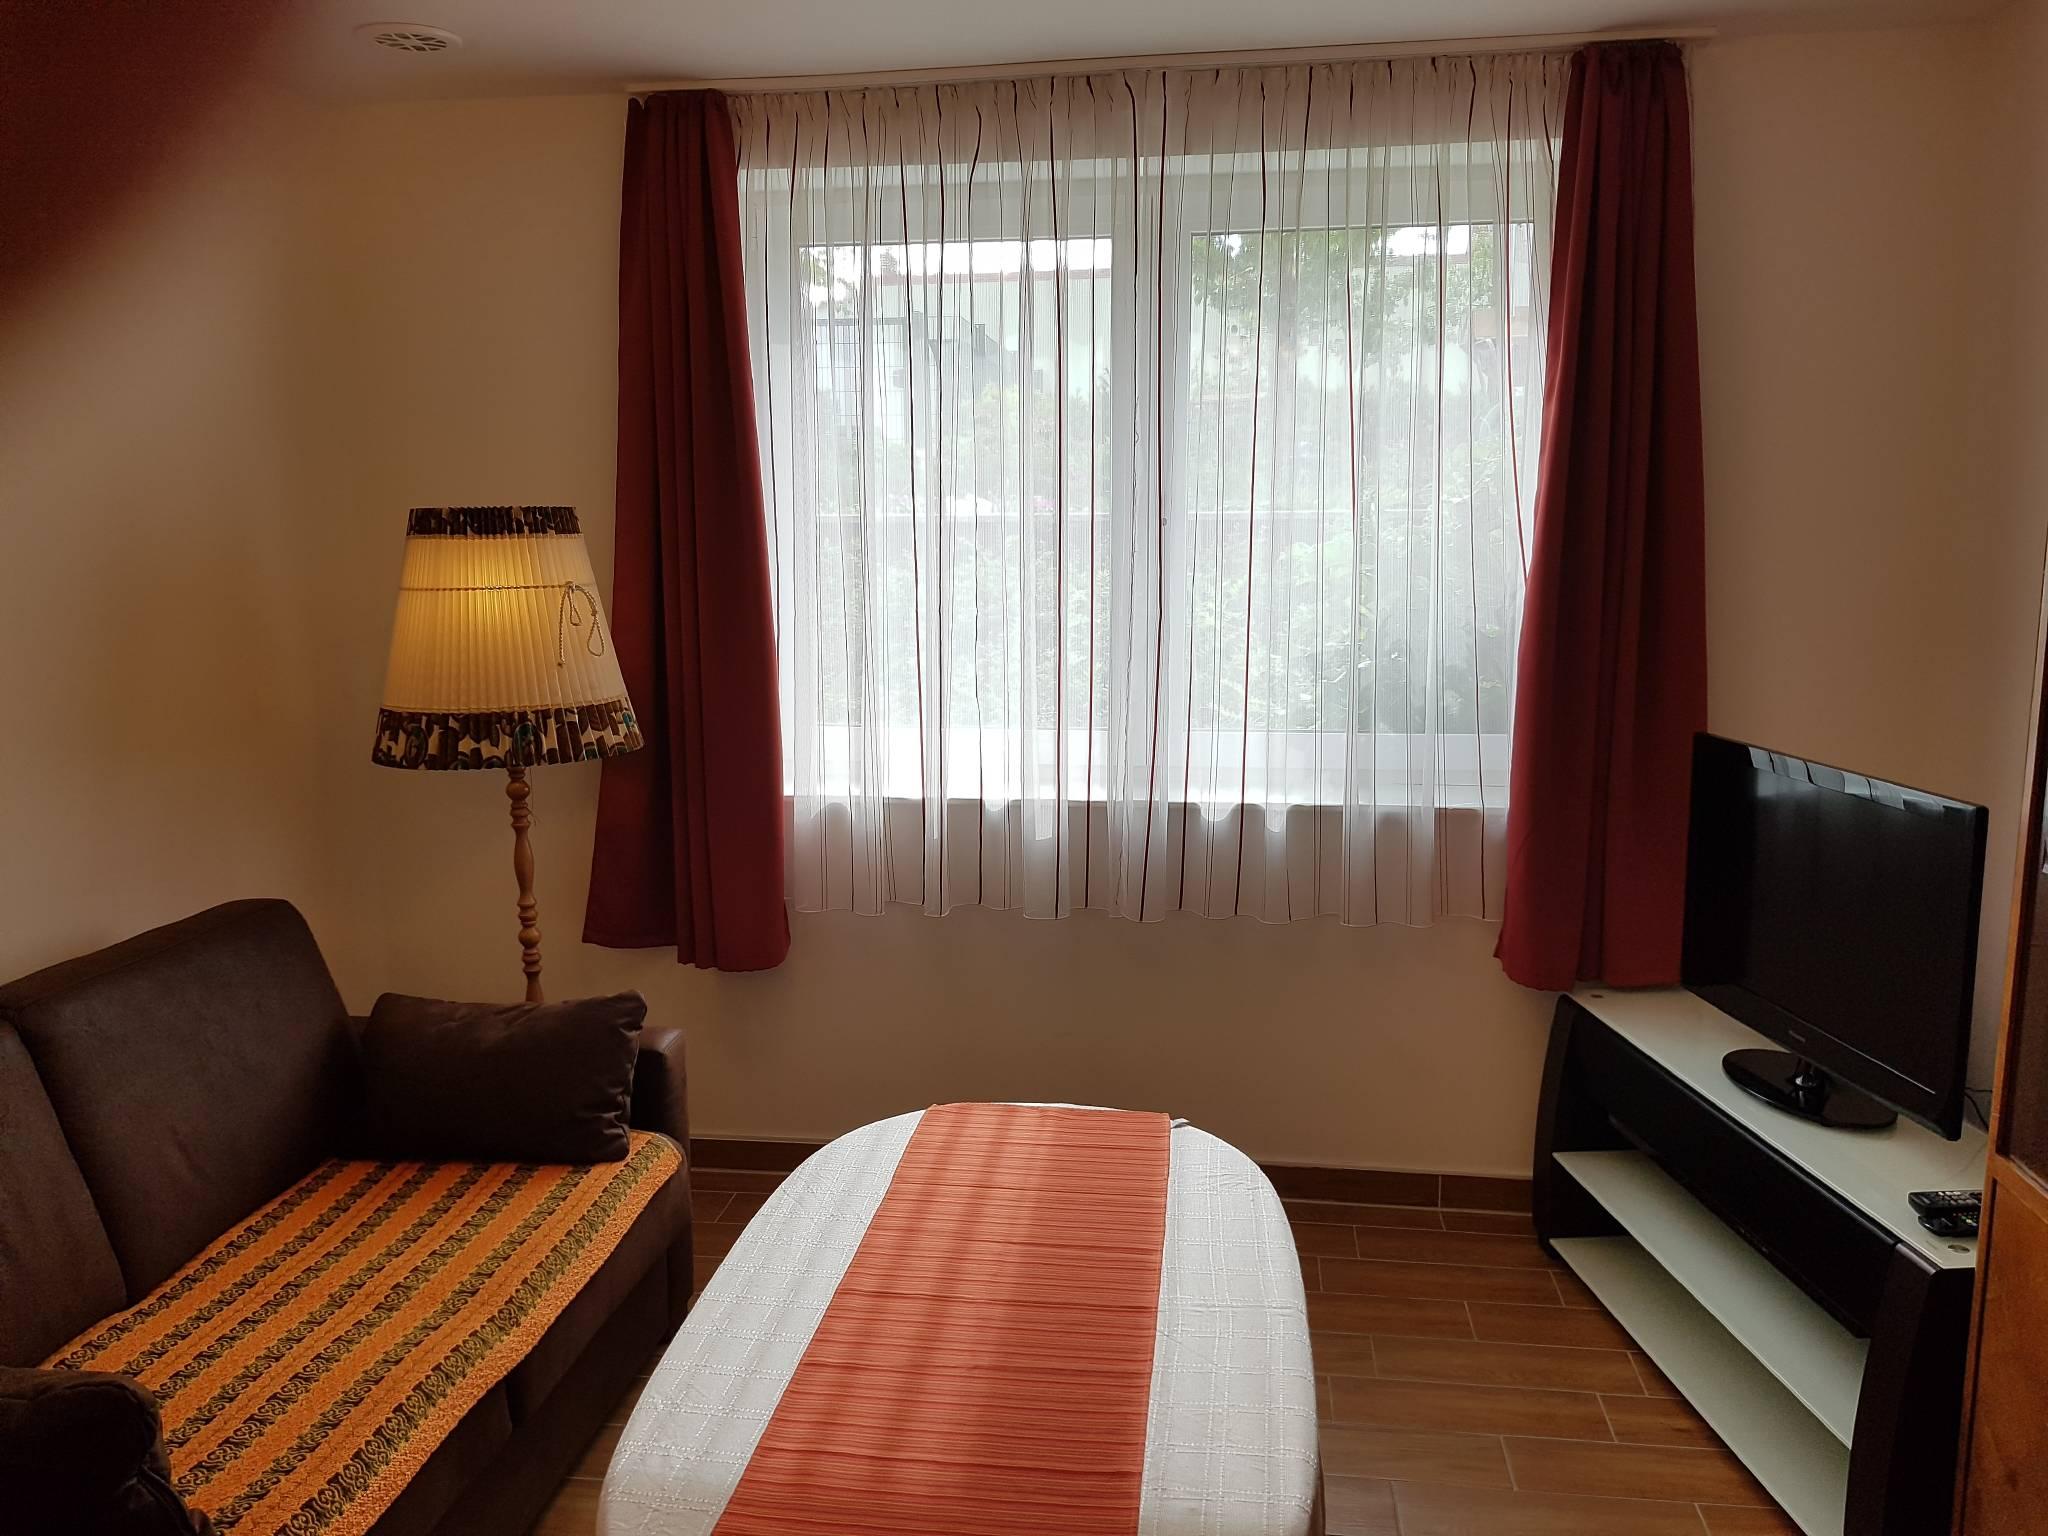 julia 39 s ferienwohnung in werder havel brandenburg niko neumann. Black Bedroom Furniture Sets. Home Design Ideas